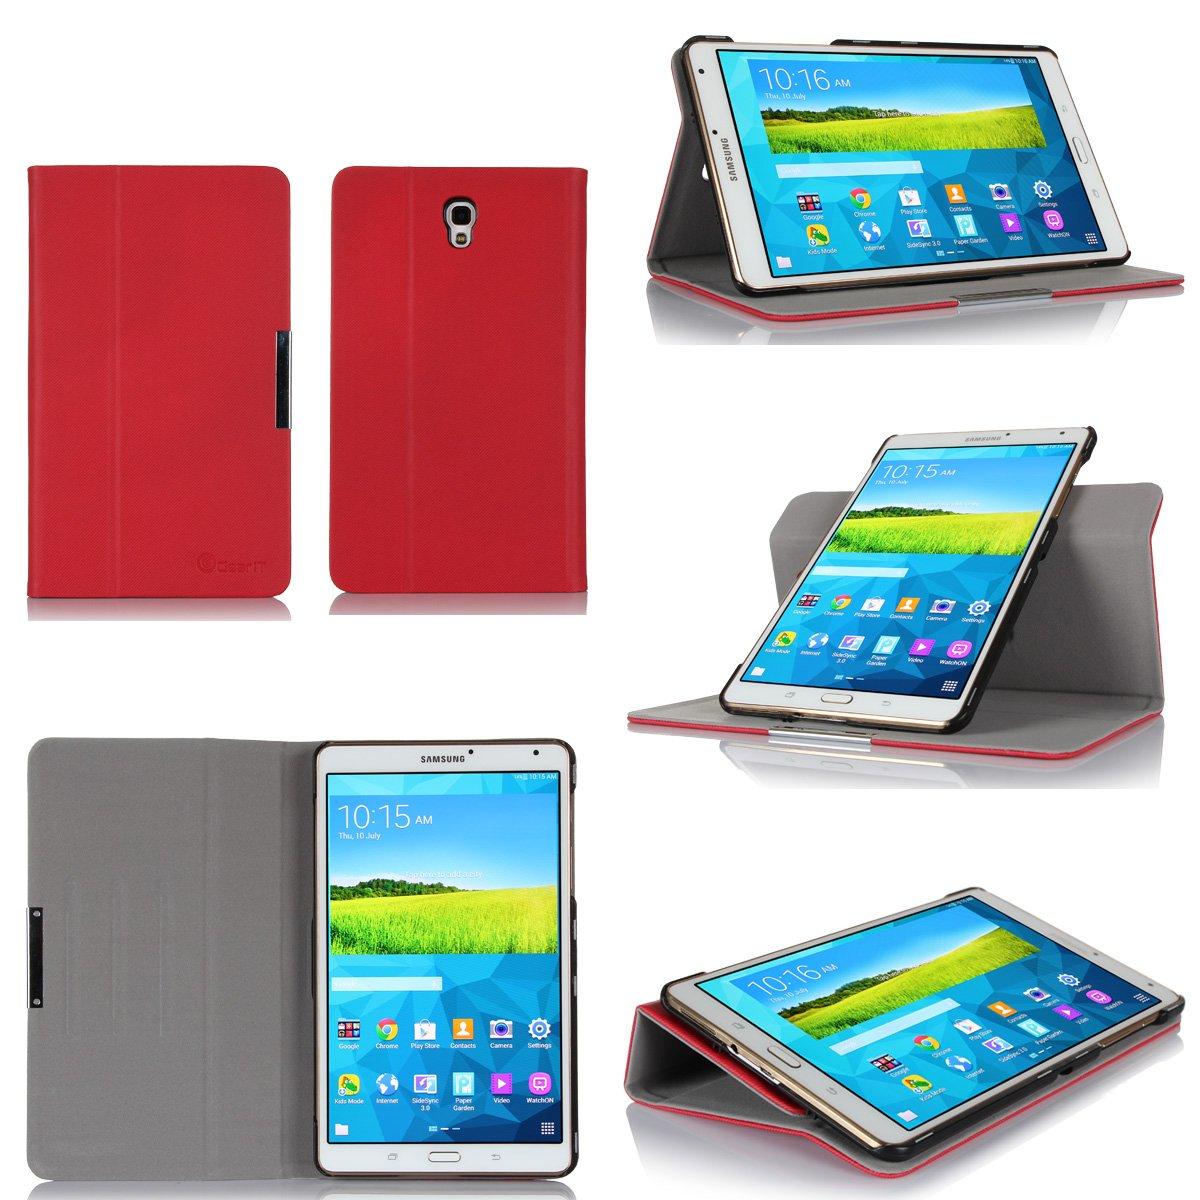 GearIt Samsung Galaxy Tab S 8.4 8,4 caso carcasas cubierta funda folio de piel  Electrónica revisión y descripción más